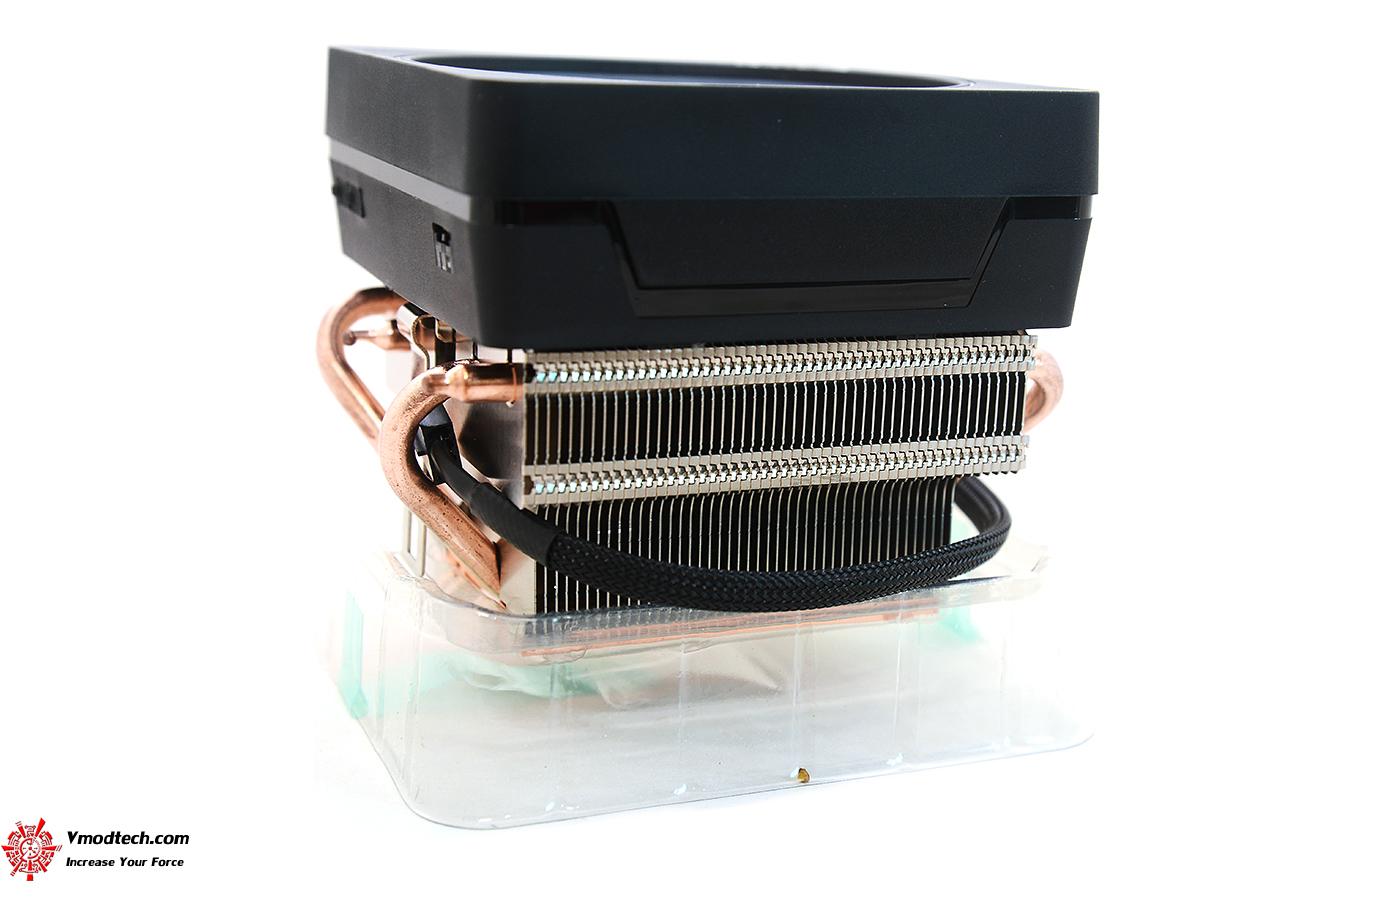 dsc 1093 AMD RYZEN 7 2700X PROCESSOR REVIEW